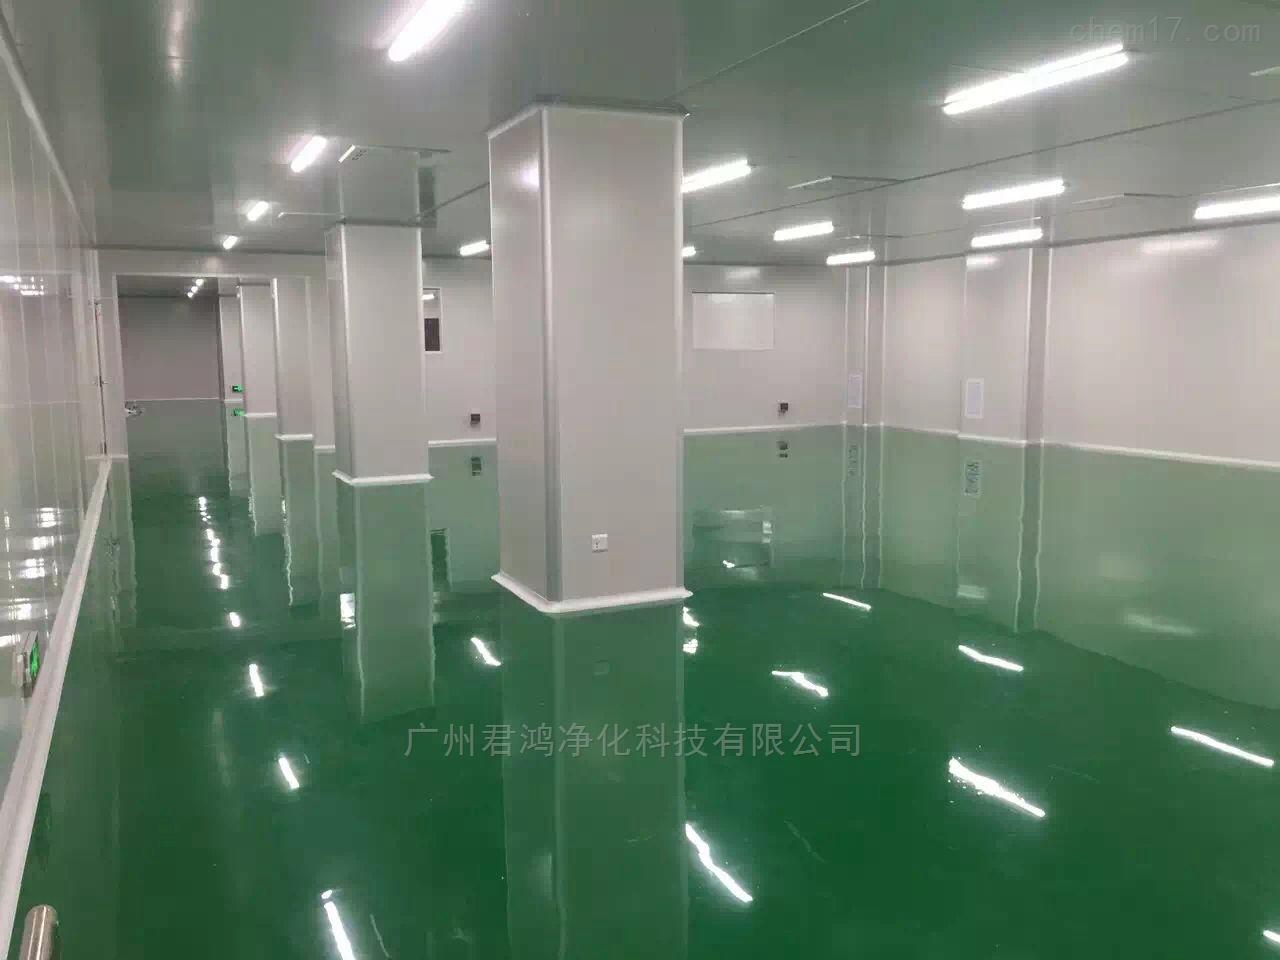 广州番禺区咖啡固体饮料车间净化工程标准